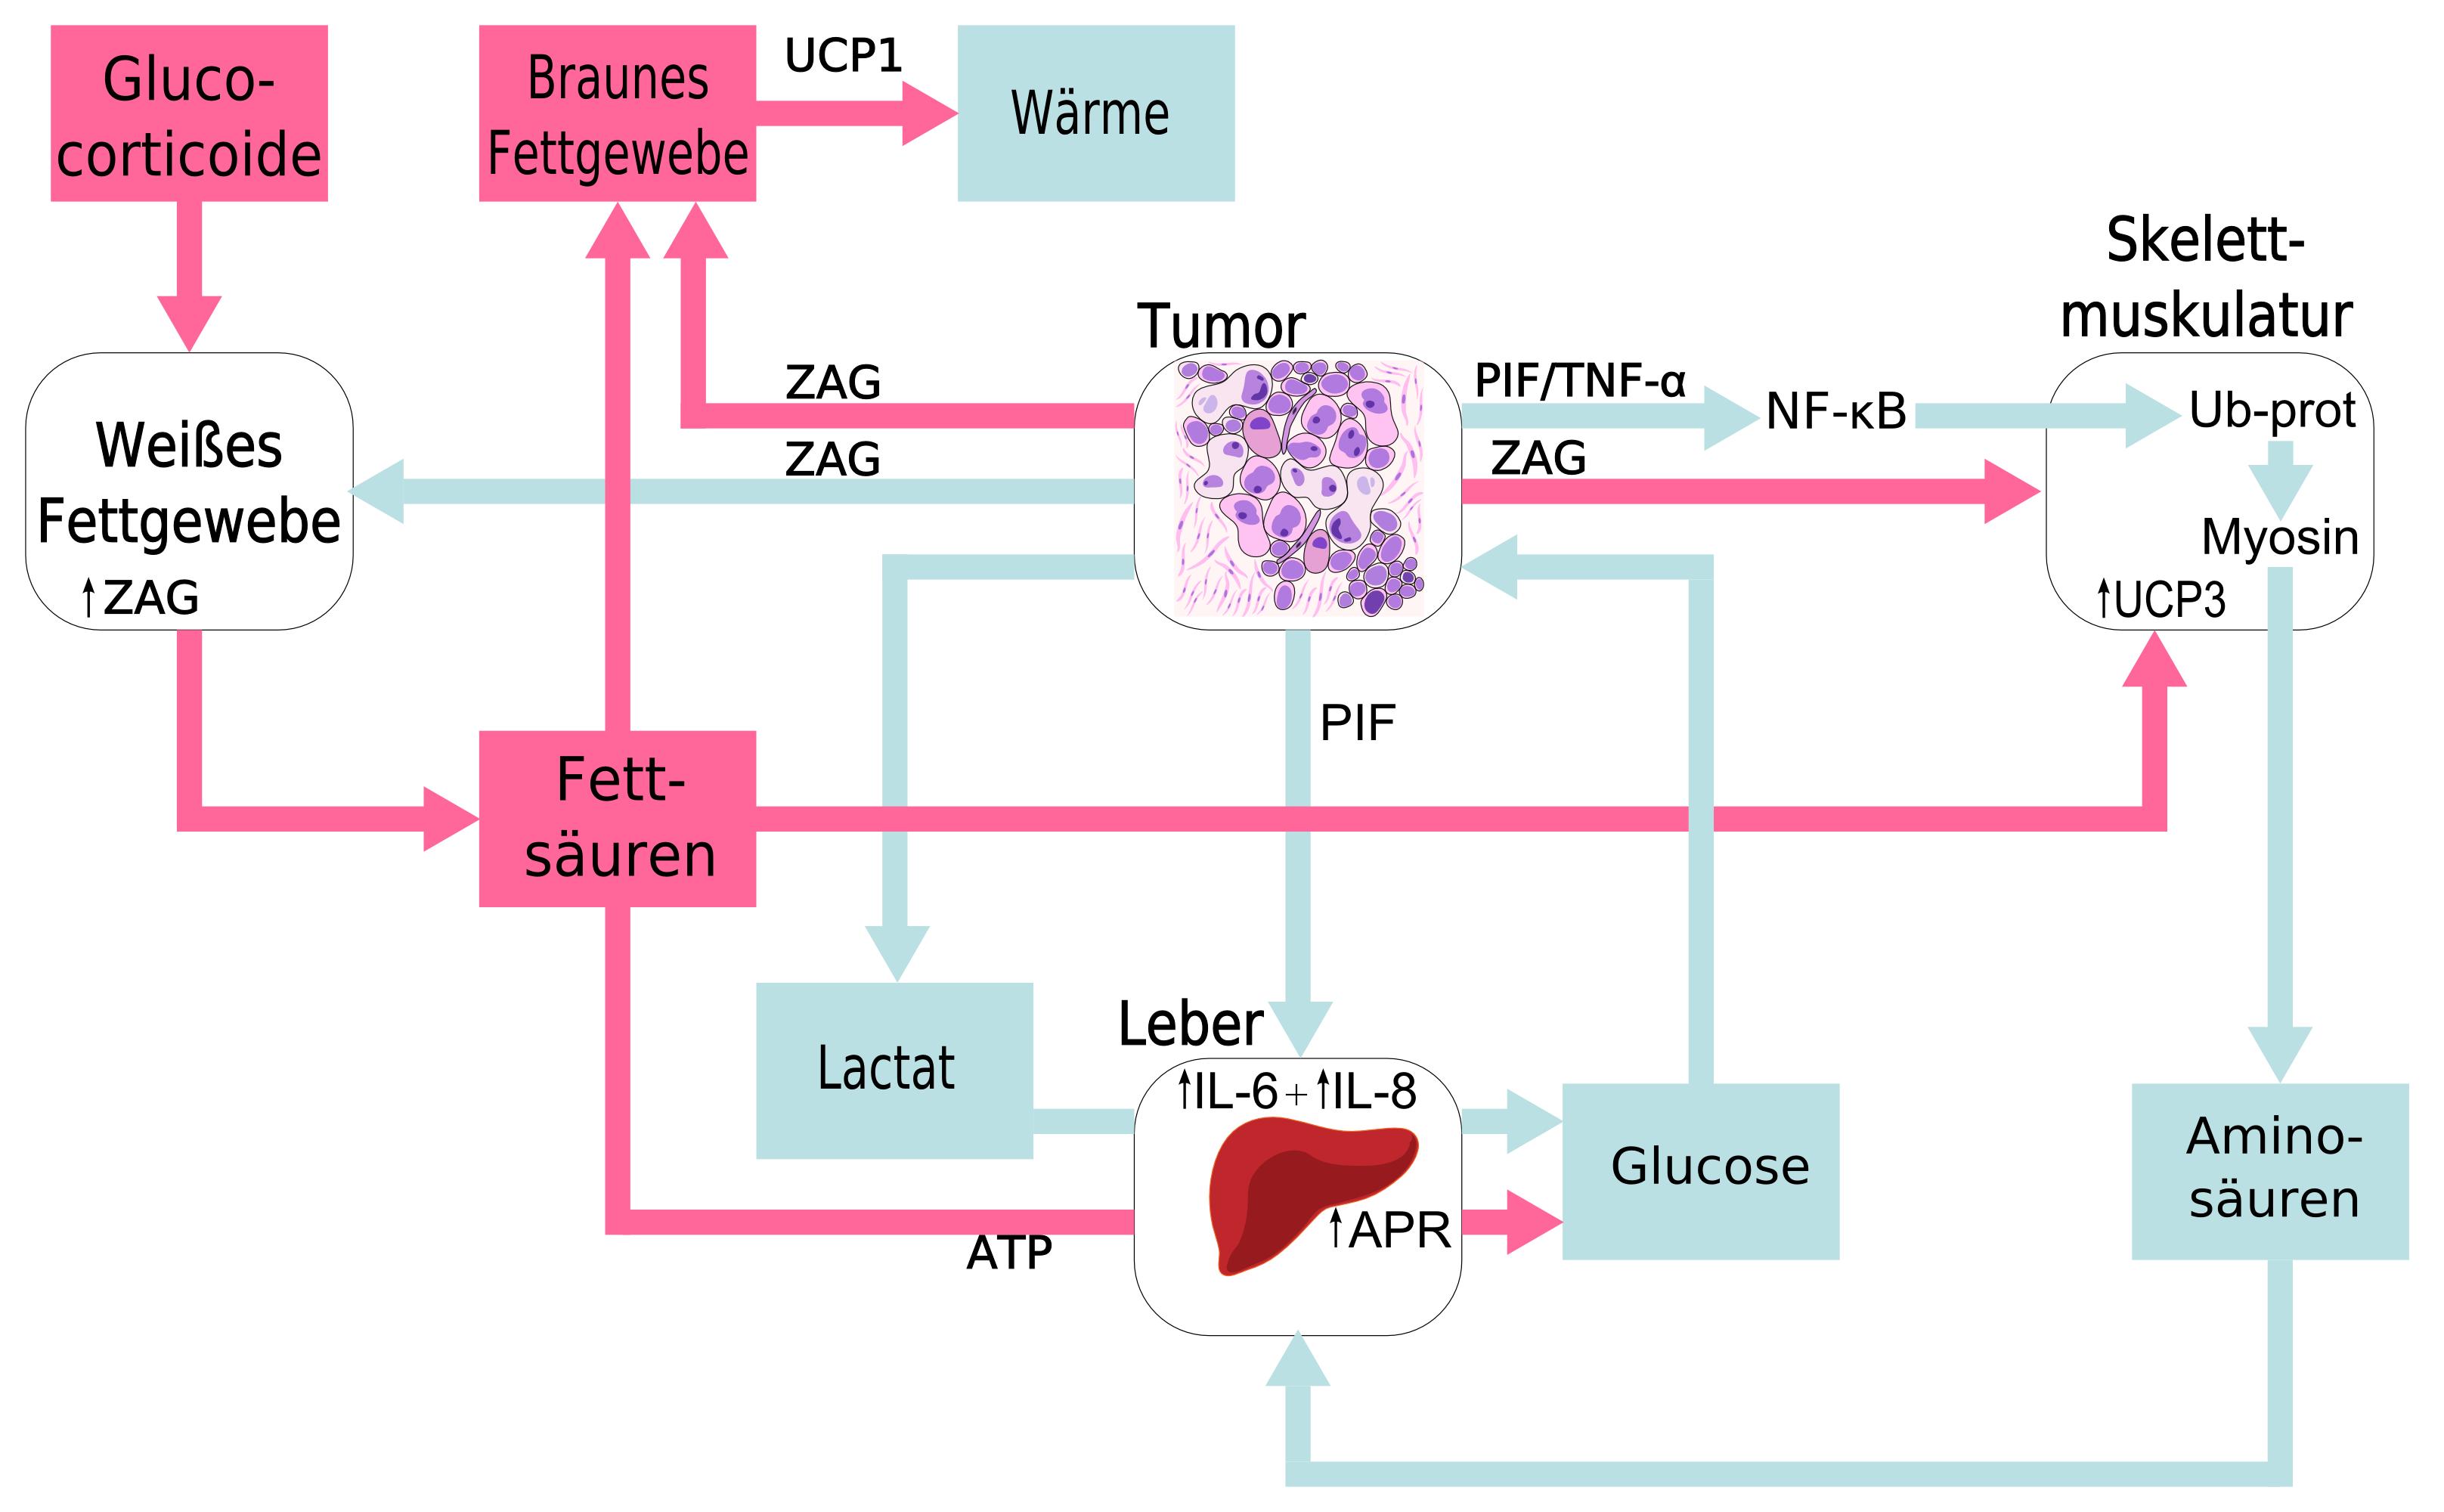 gründe zunahme bauchspeicheldrüsenkrebs